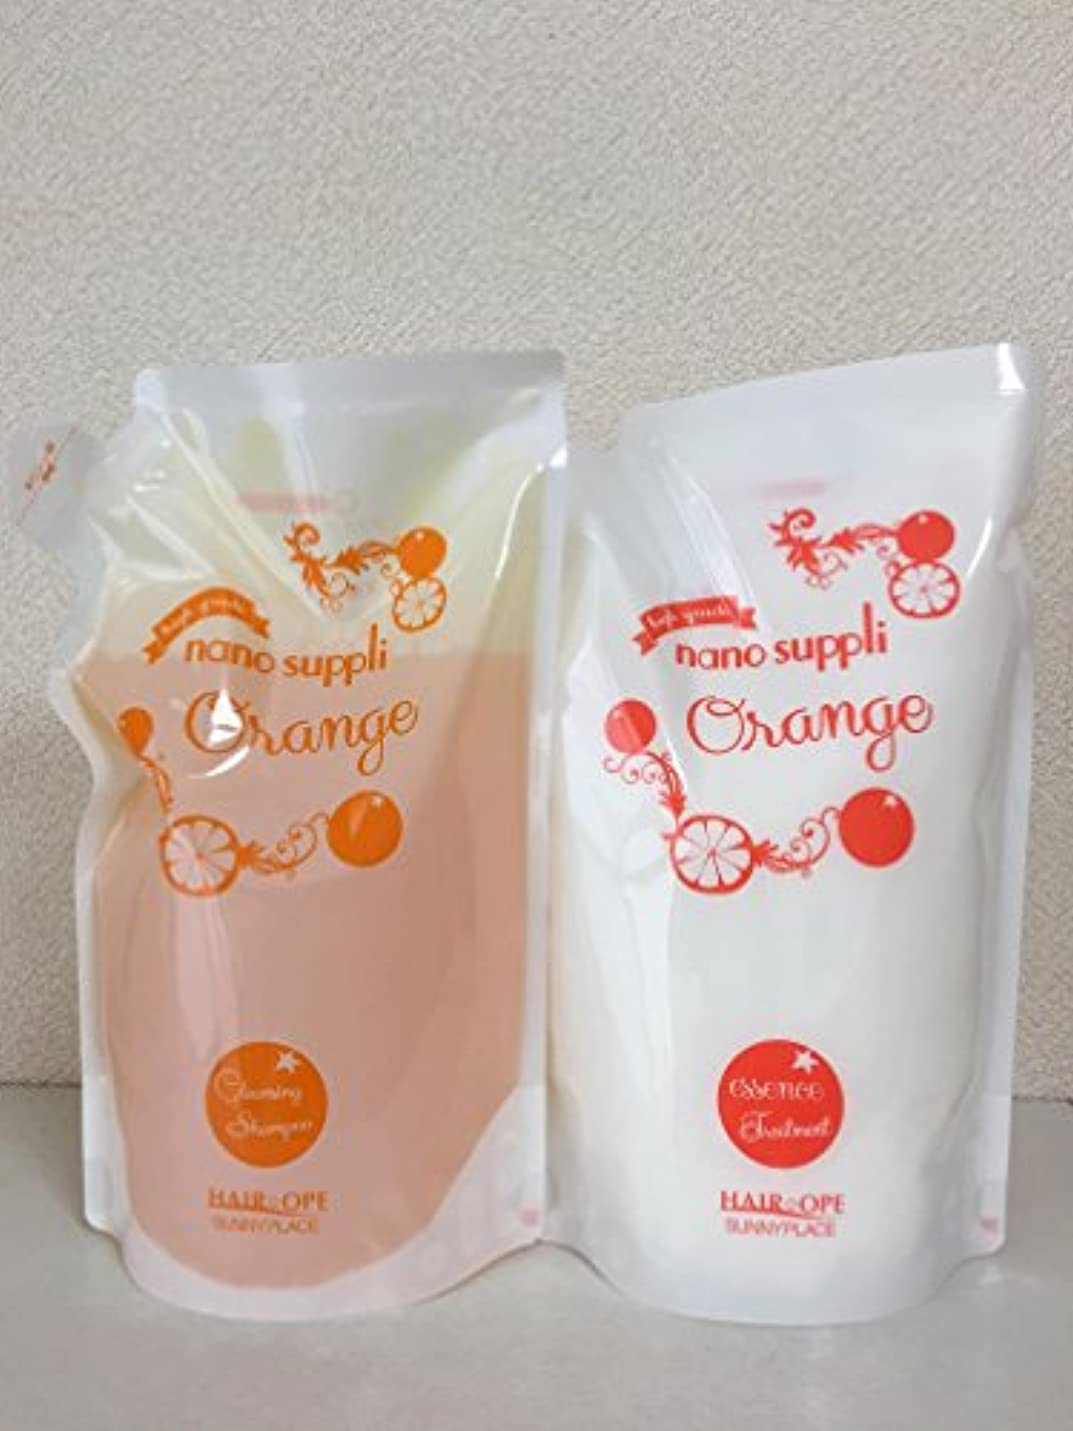 人気スキッパー印象的サニープレイス ナノサプリ クレンジングシャンプー&コンディショナー オレンジ 800ml詰替えセット